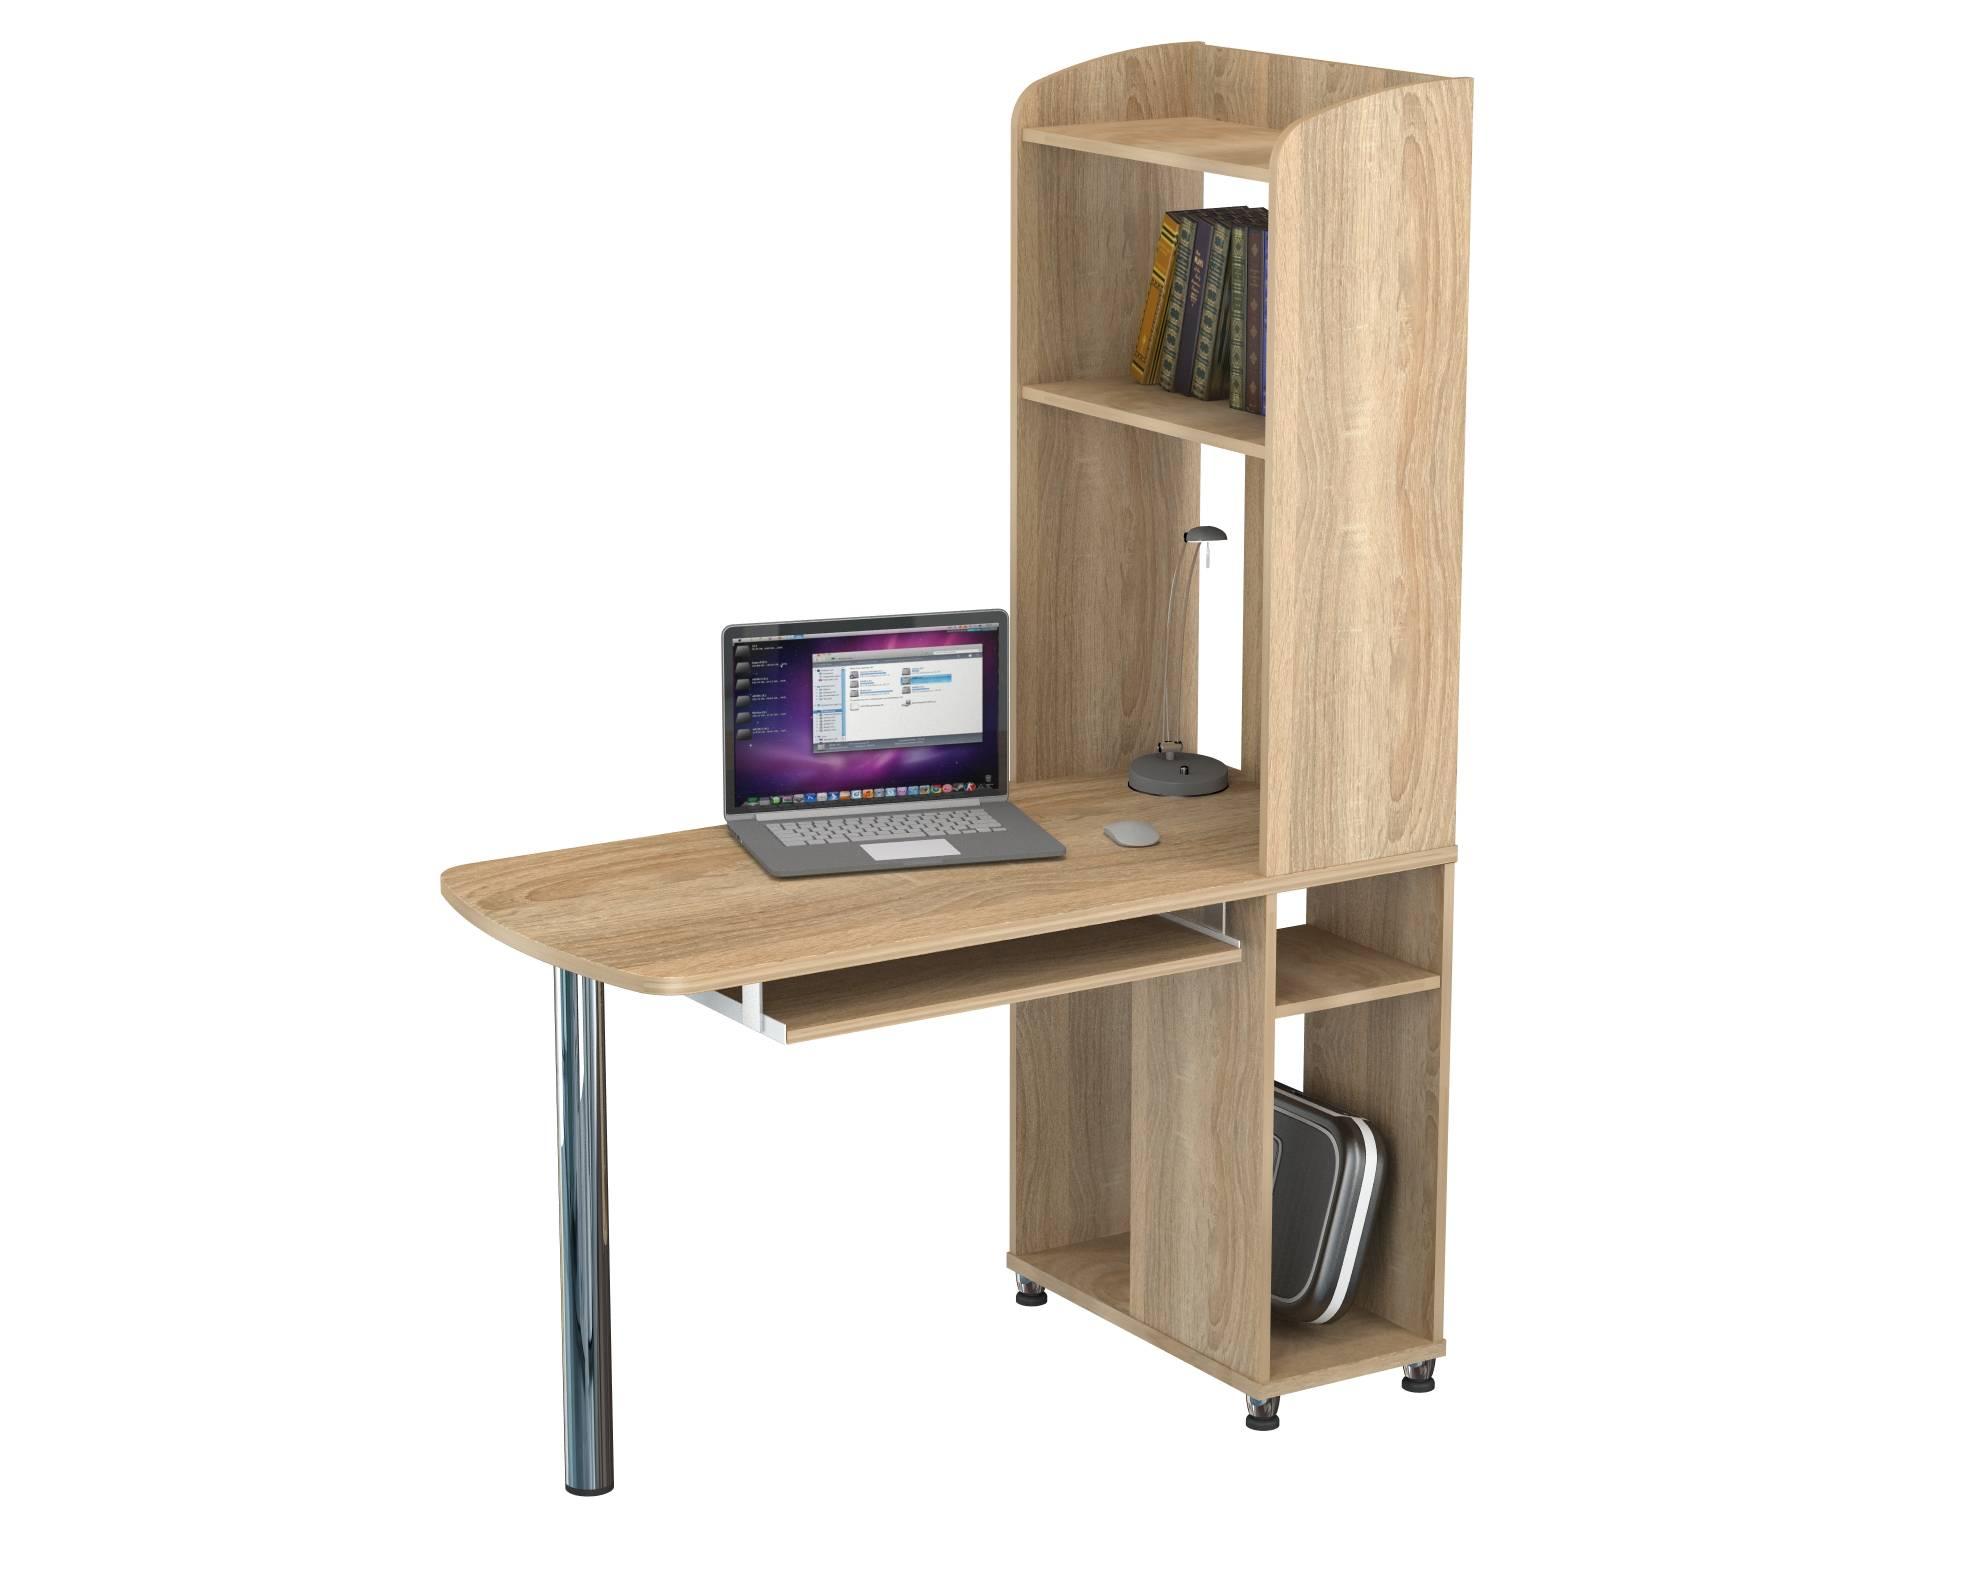 Компьютерный стол кс 20-31 м1, тверь.